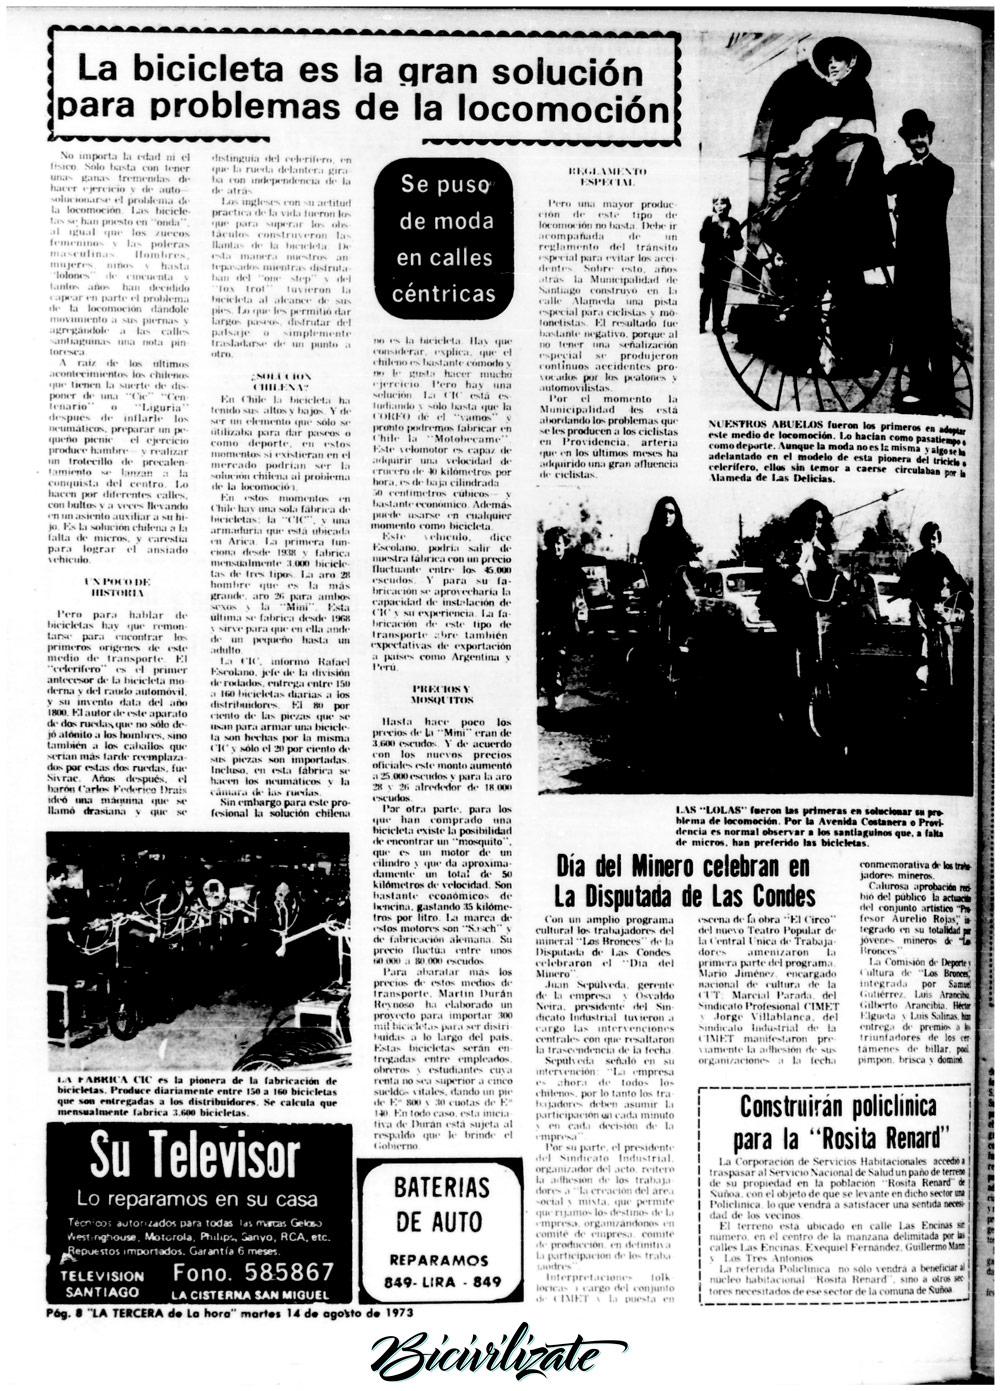 """La Tercera de la Hora, 1973: """"La bicicleta es la gran solución para problemas de la locomoción"""""""